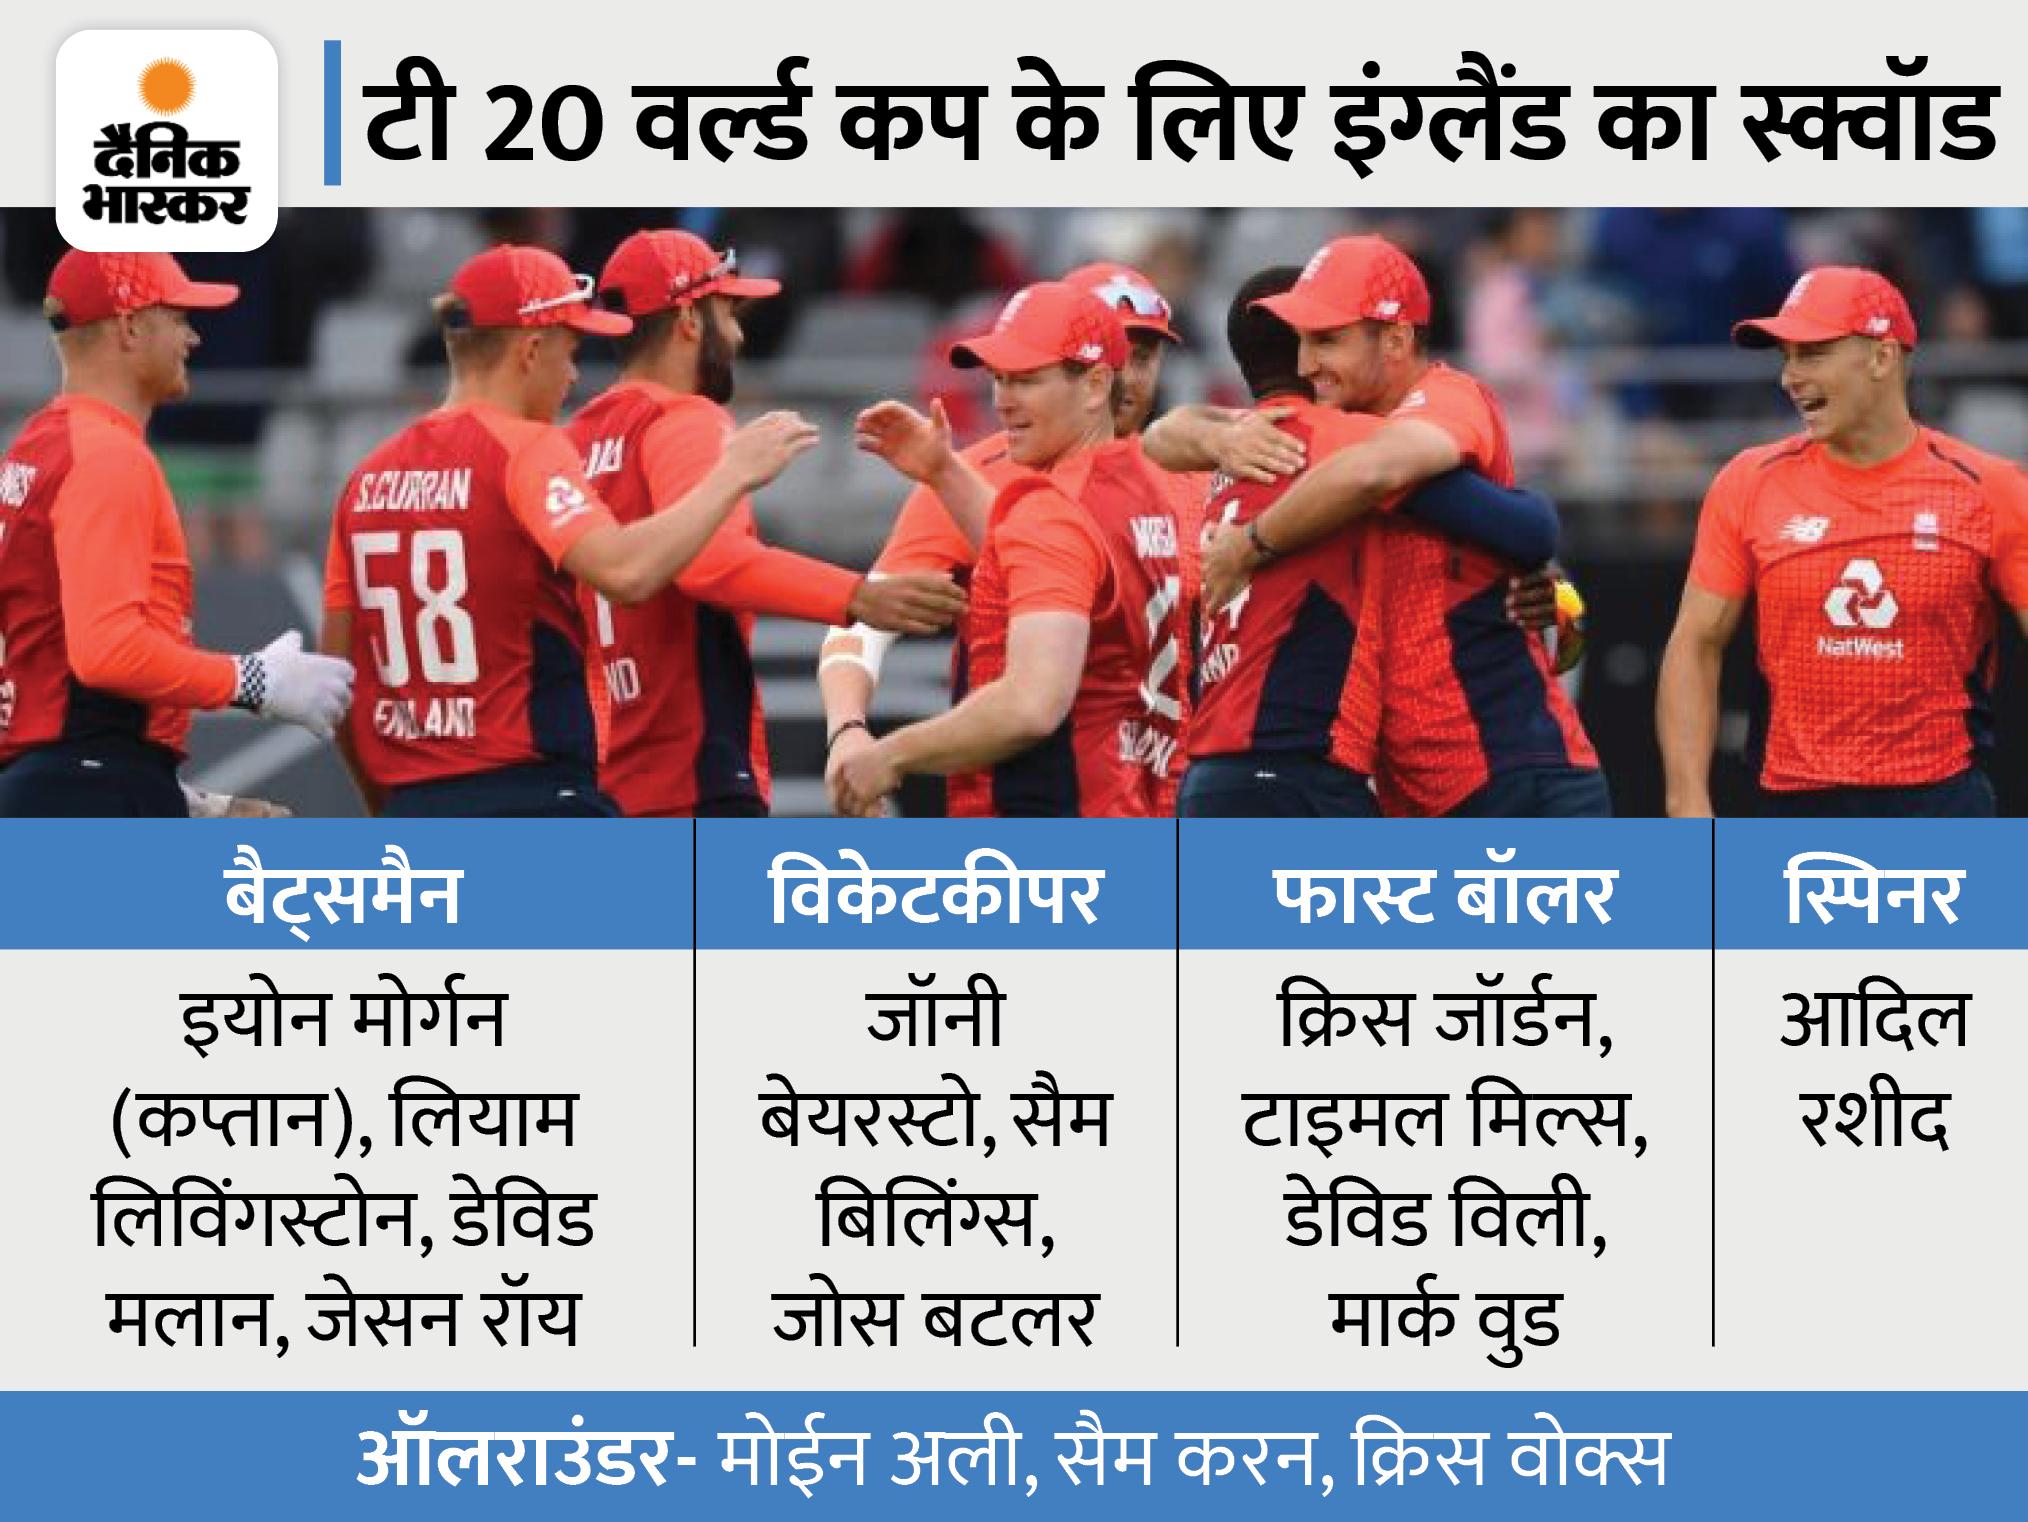 बेन स्टोक्स को नहीं मिला टीम में स्थान, 3 साल बाद हुई तेज गेंदबाज टाइमल मिल्स की वापसी|क्रिकेट,Cricket - Dainik Bhaskar